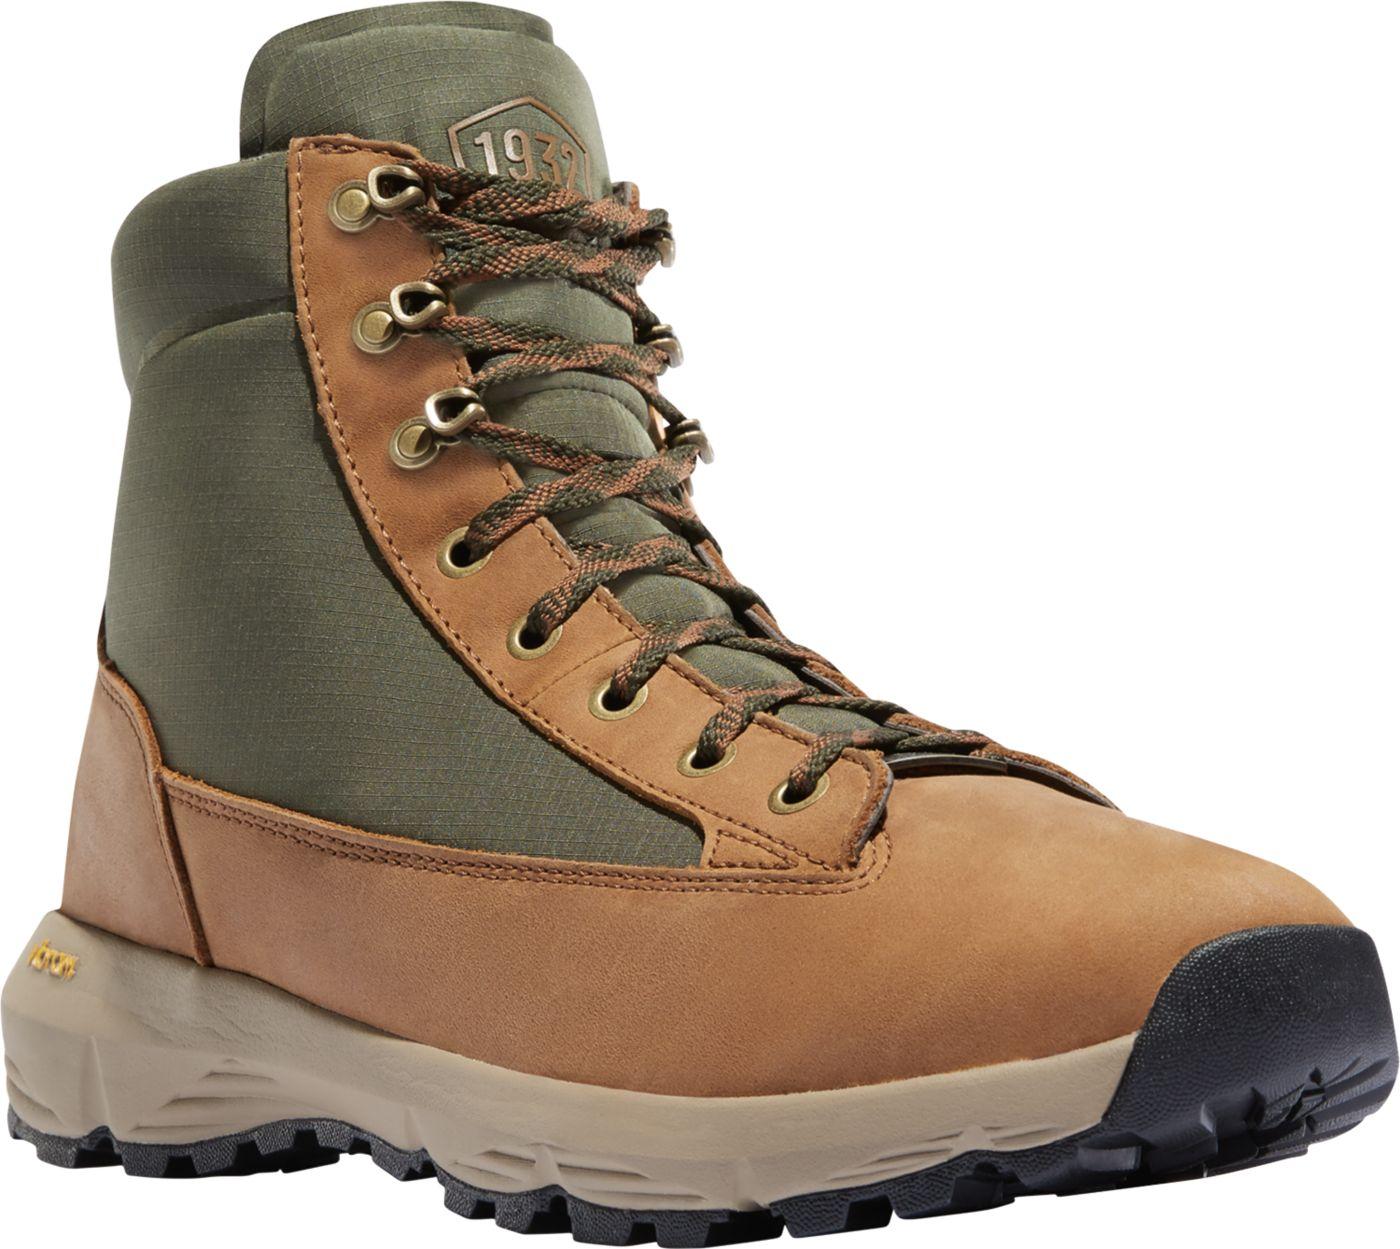 Danner Men's Explorer 650 6'' Waterproof Hiking Boots